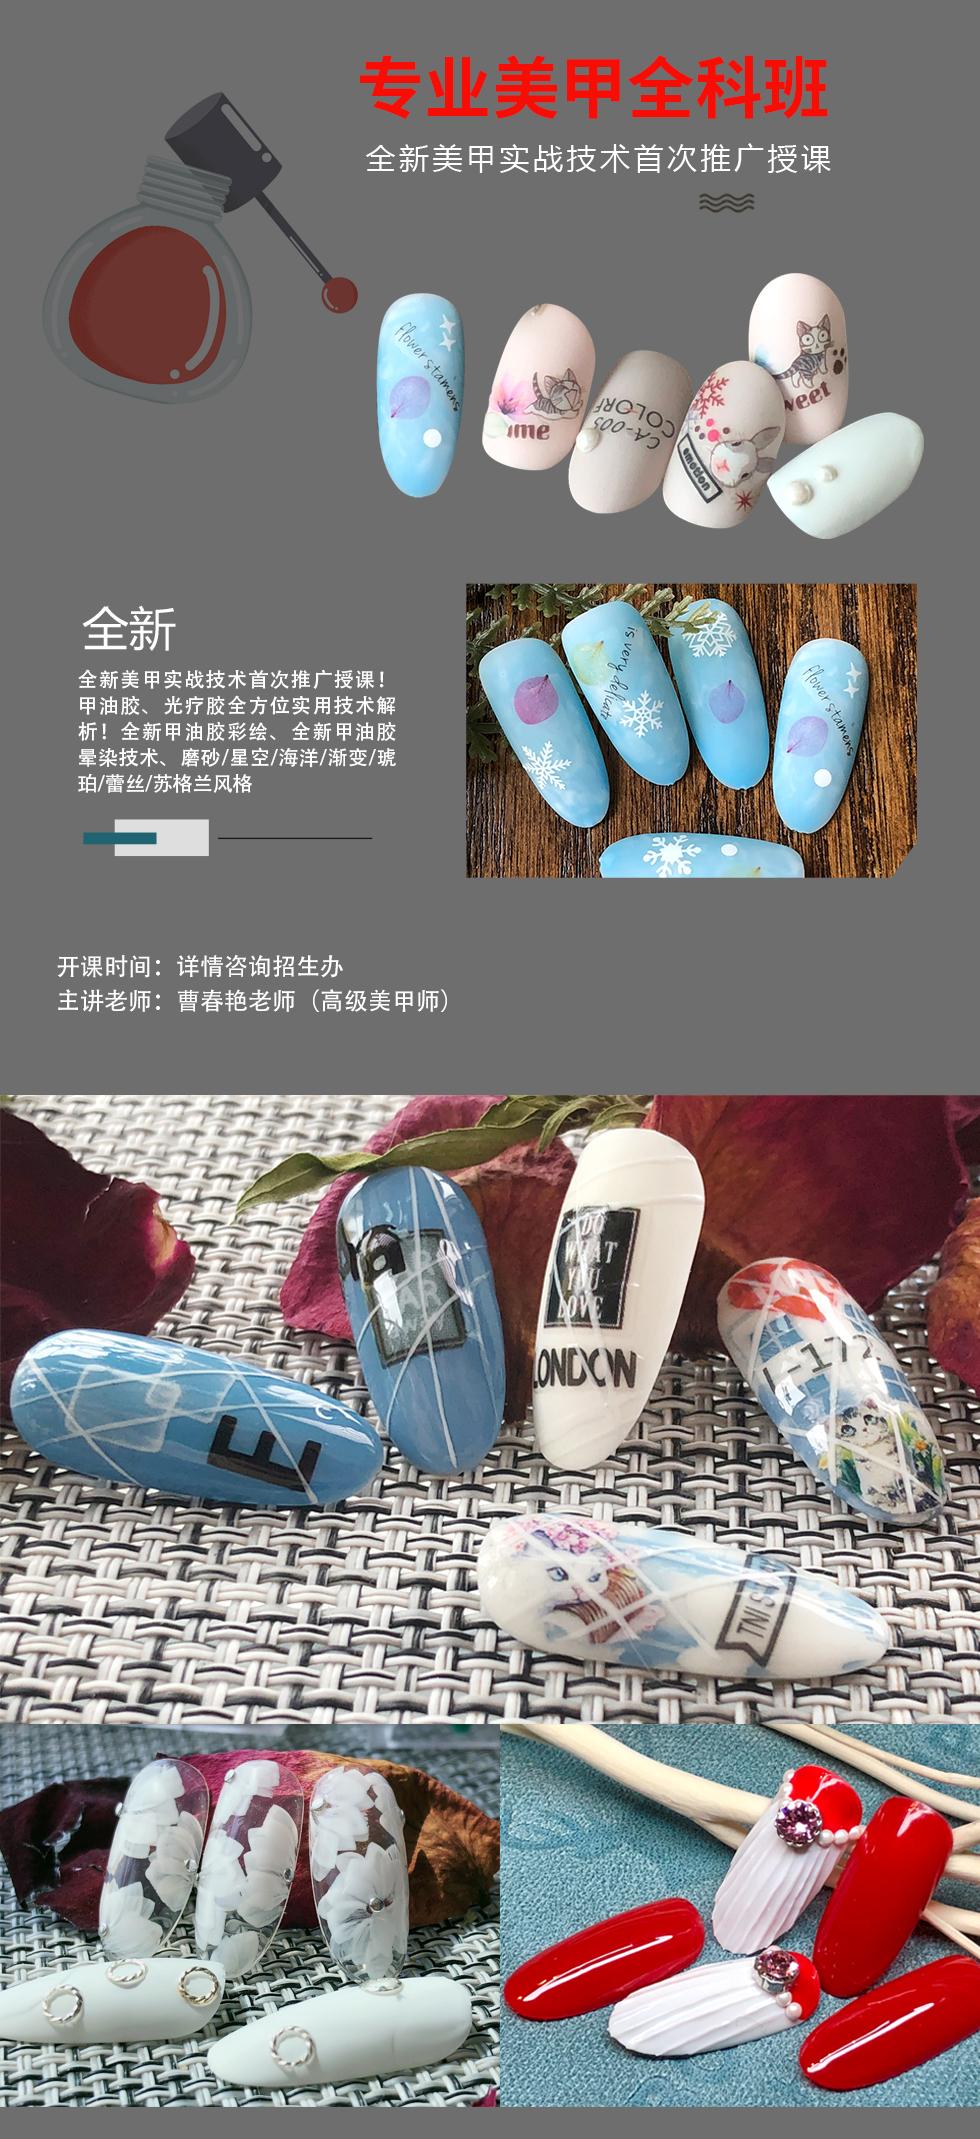 2019.6.4郑州美甲1 拷贝.jpg